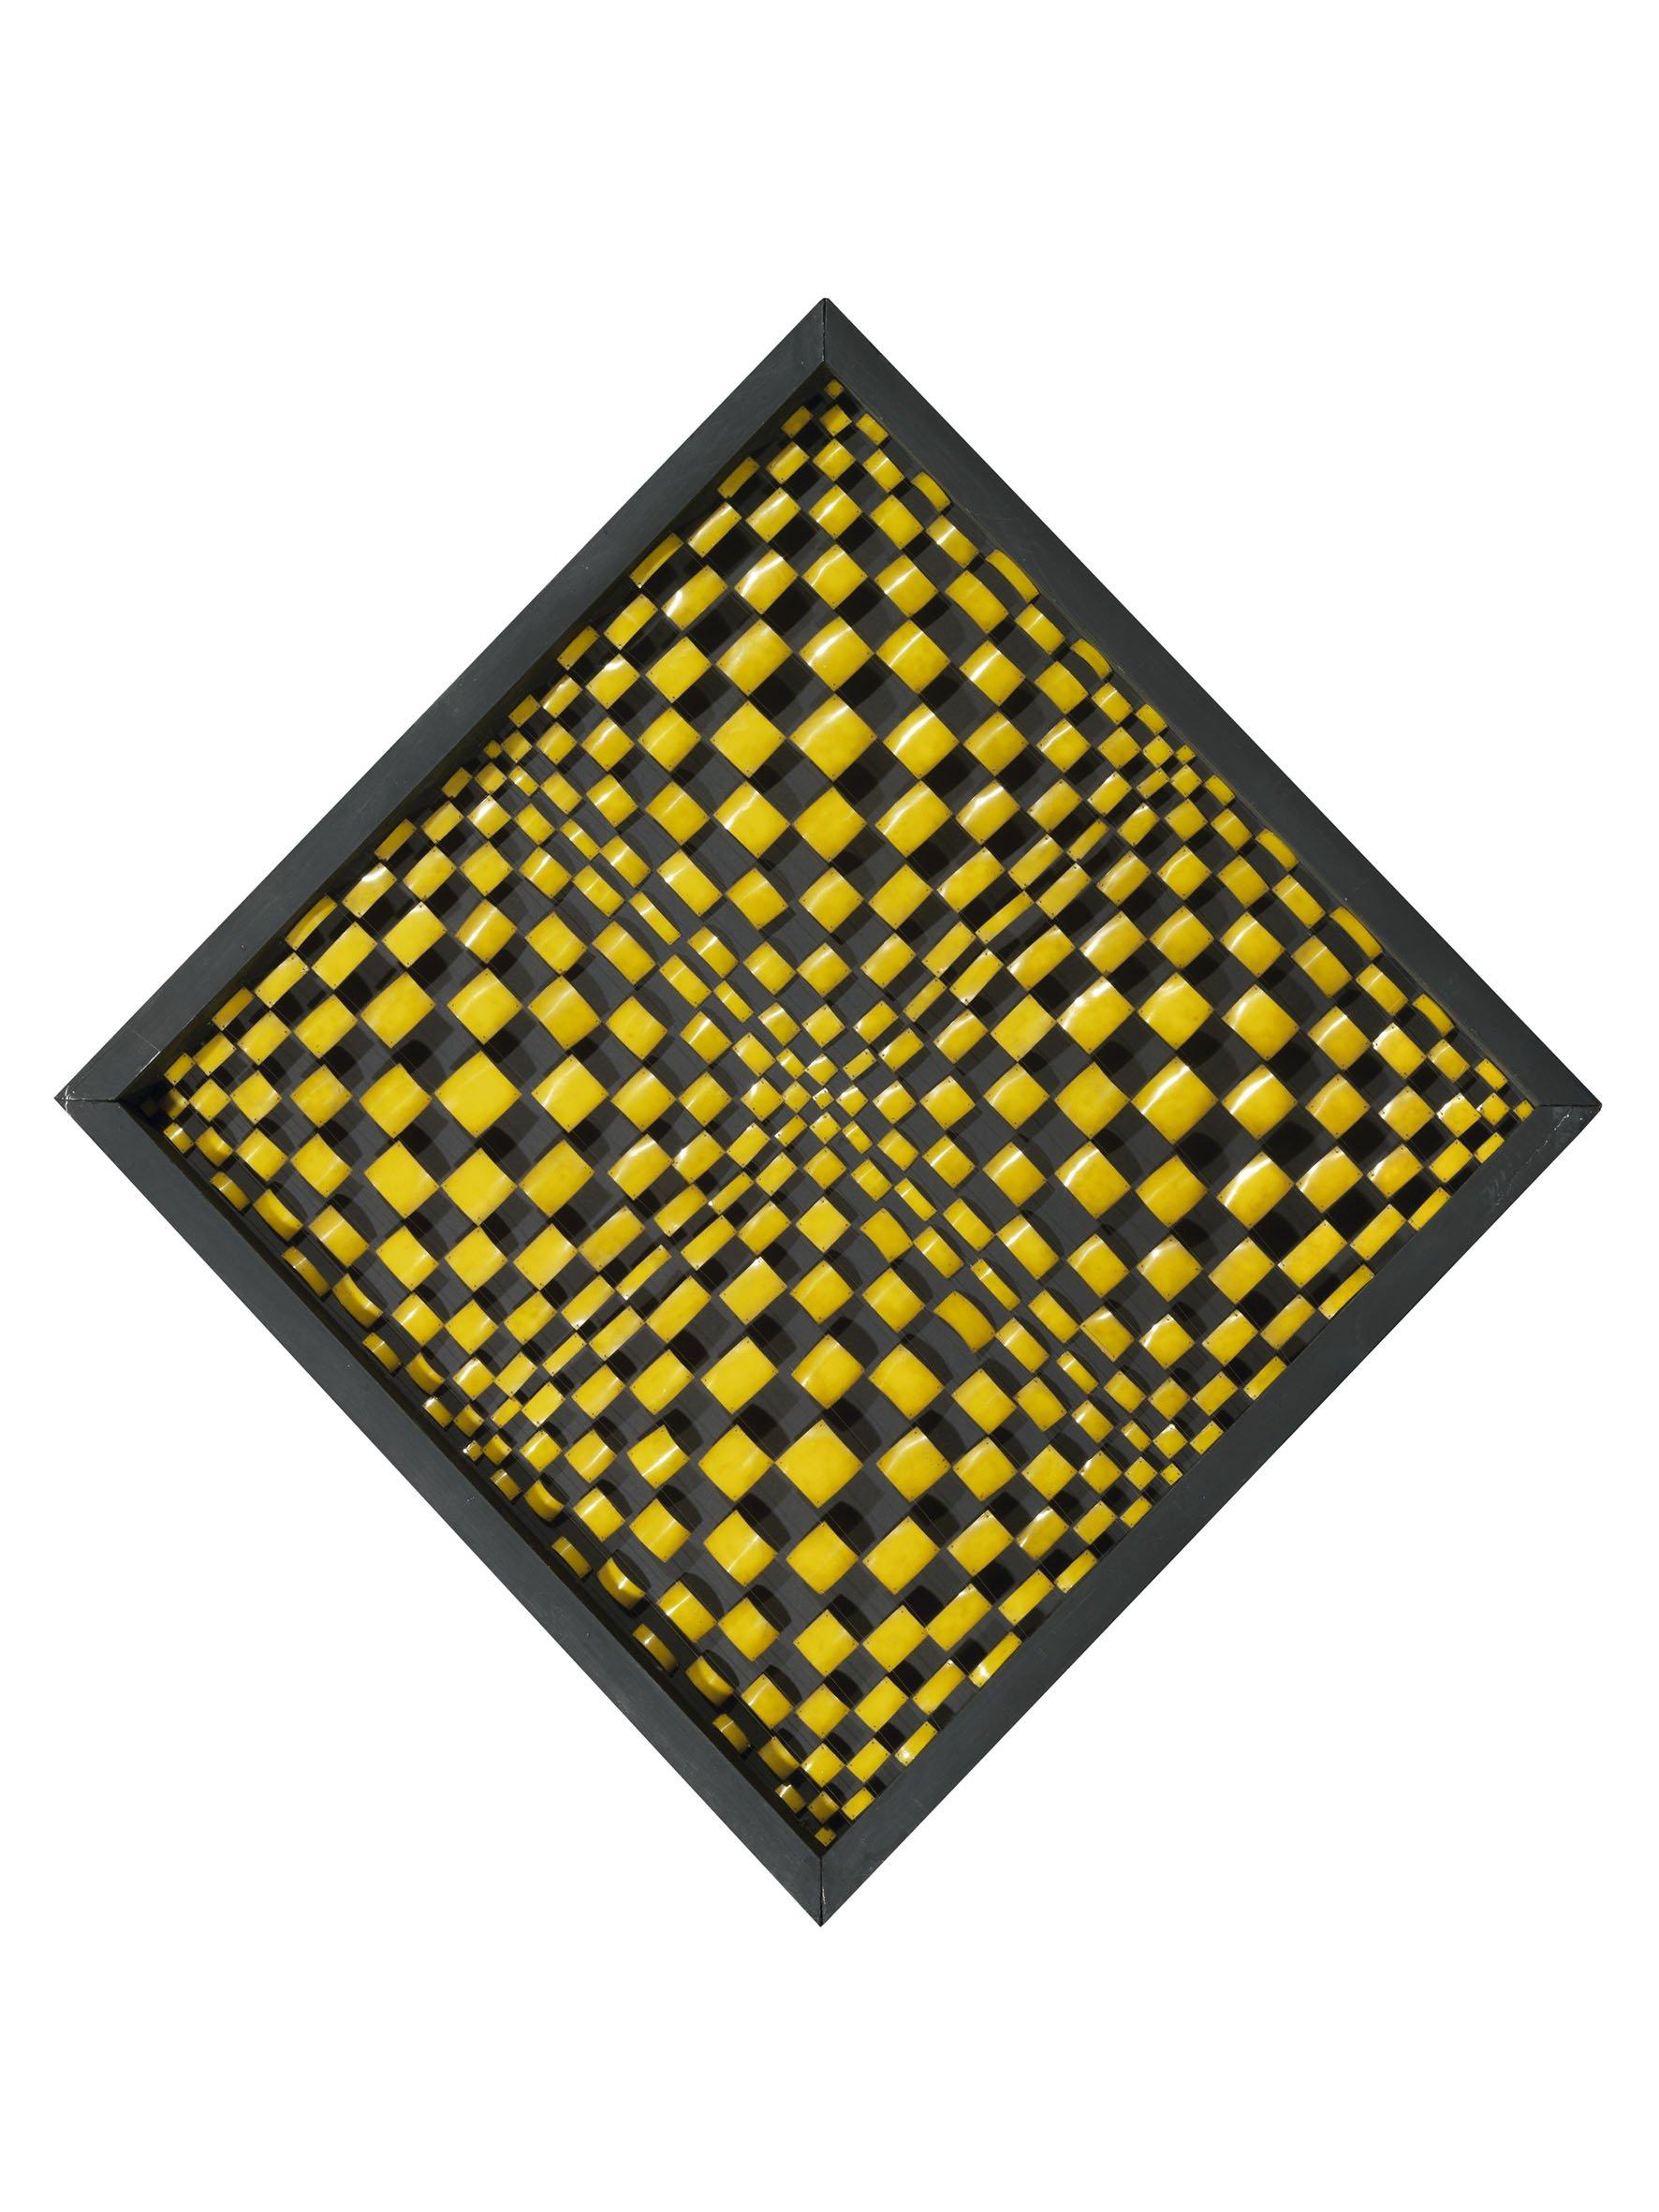 Dadamaino, Oggetto ottico-dinamico, 1960-61, piastrine di metallo, fili di nylon e legno, 96x96 cm